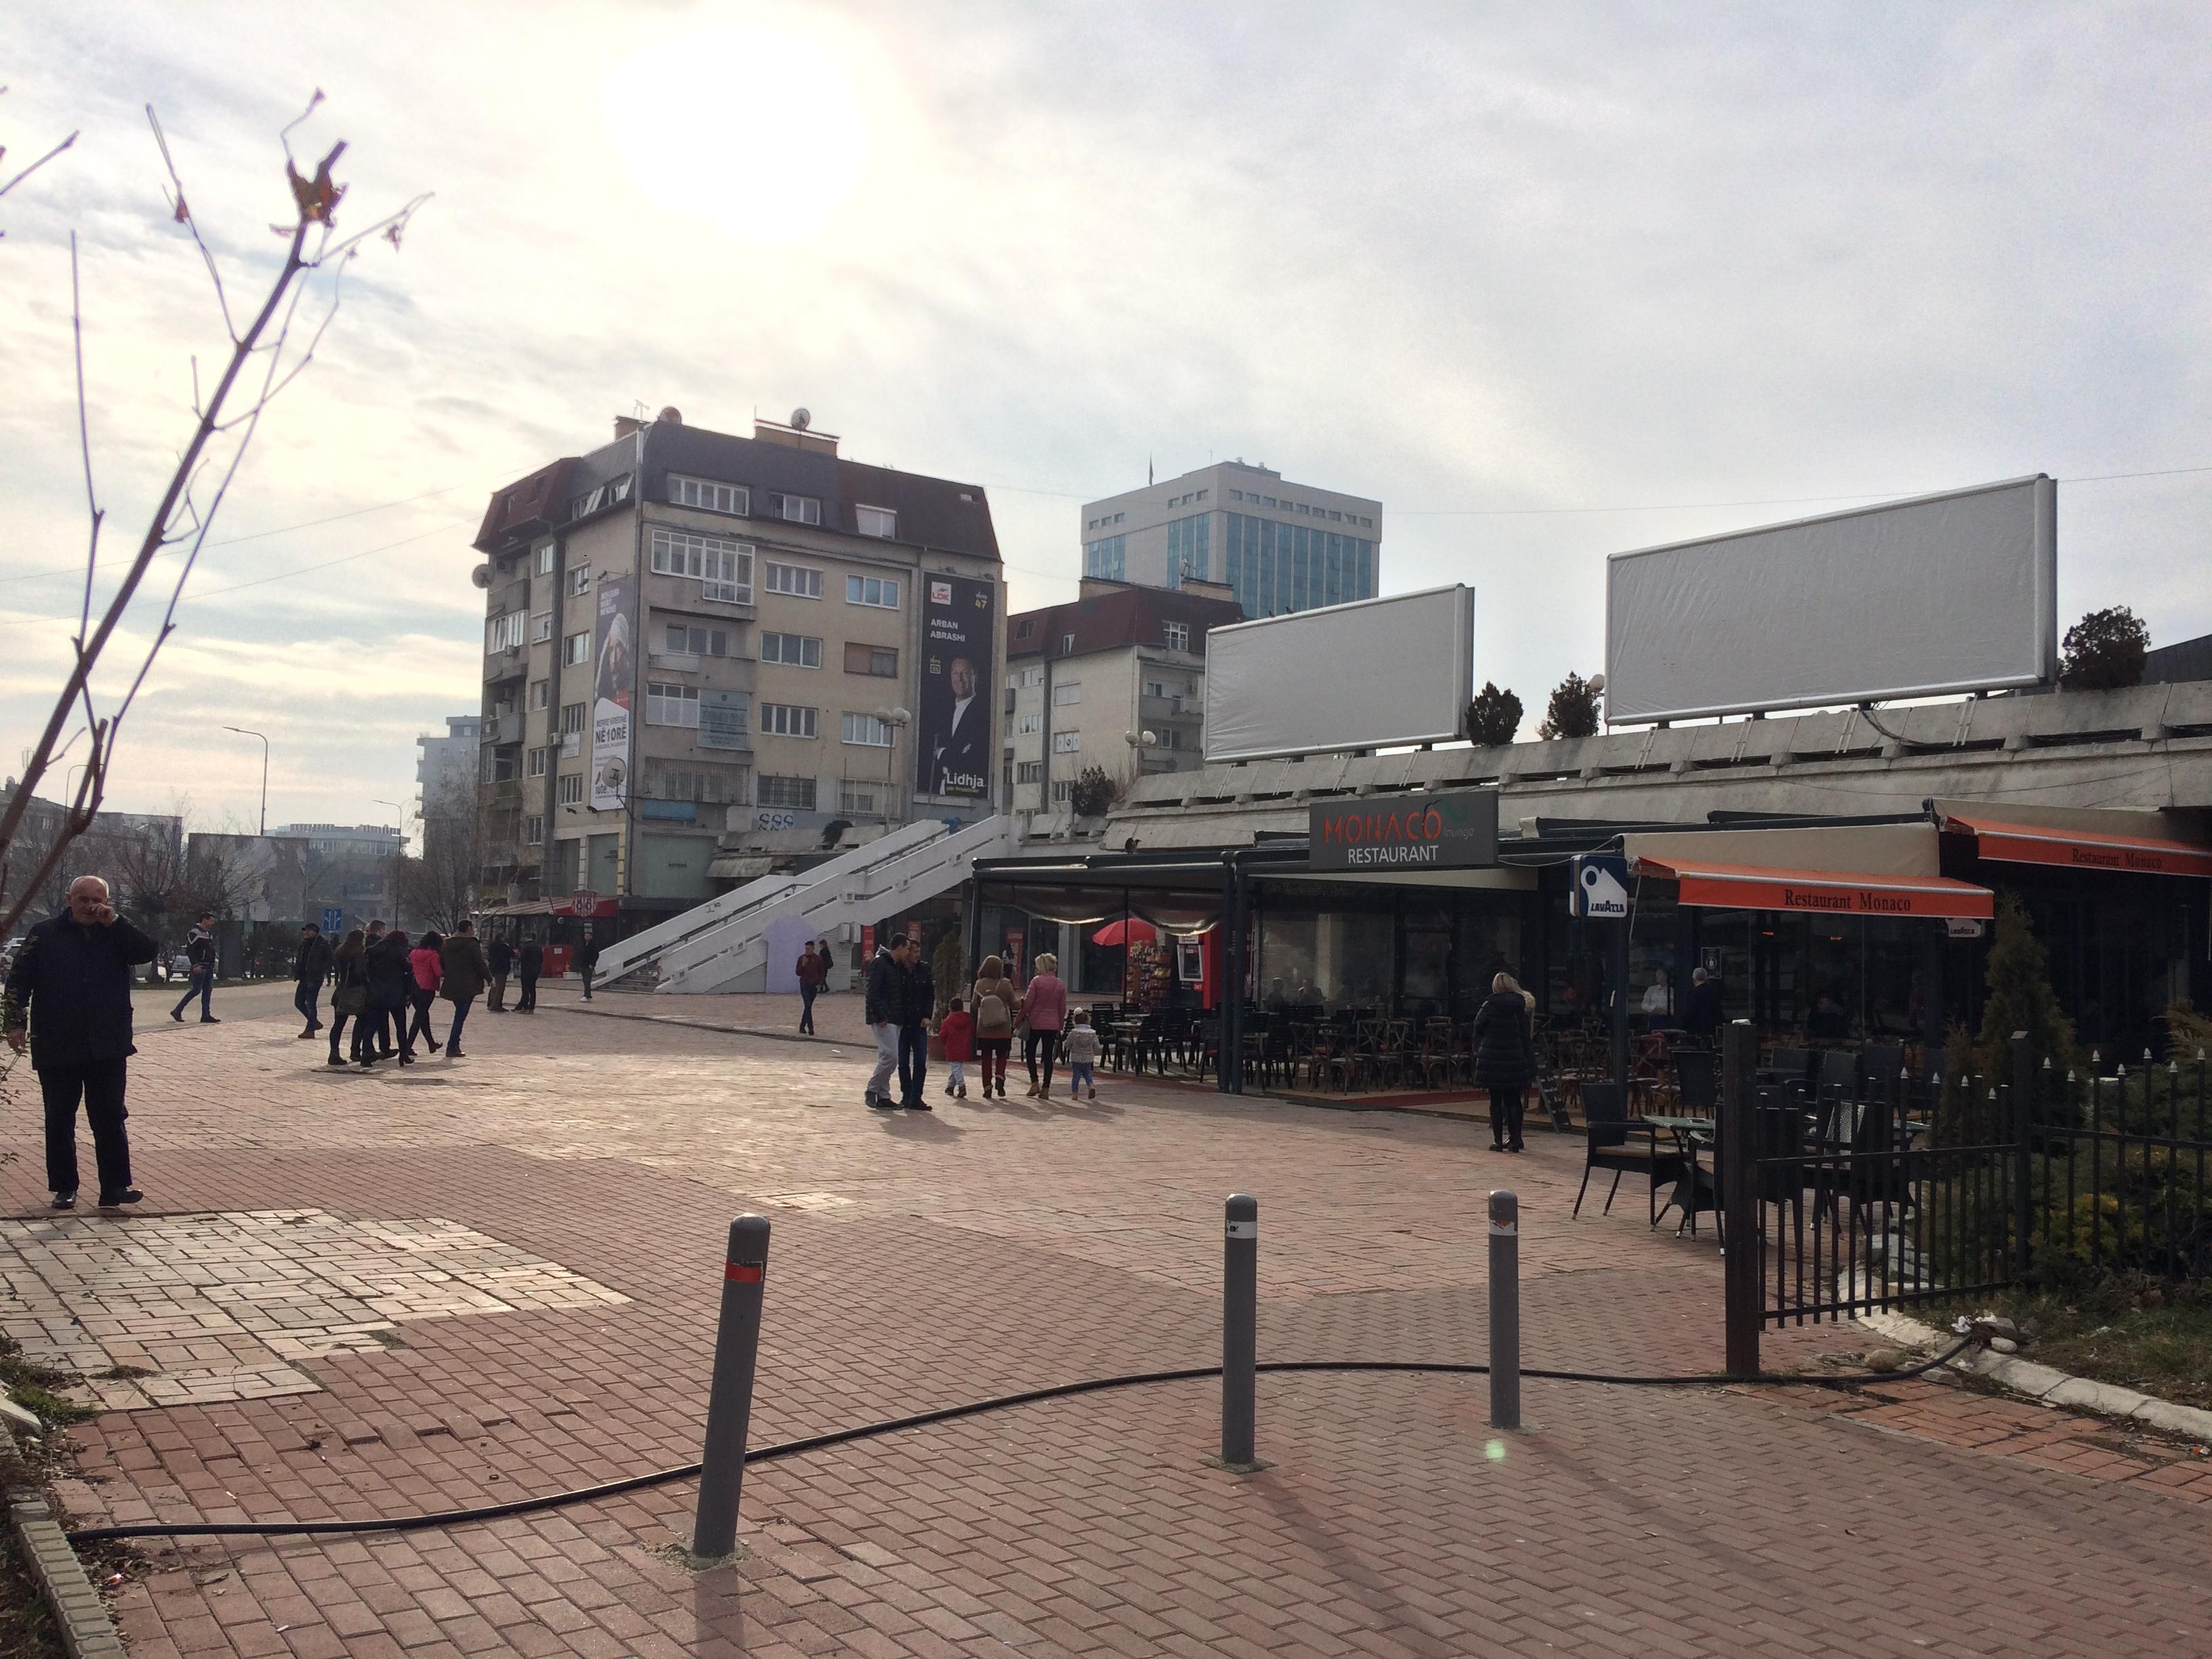 Empty NEWBORN plaza in Pristina, Kosovo